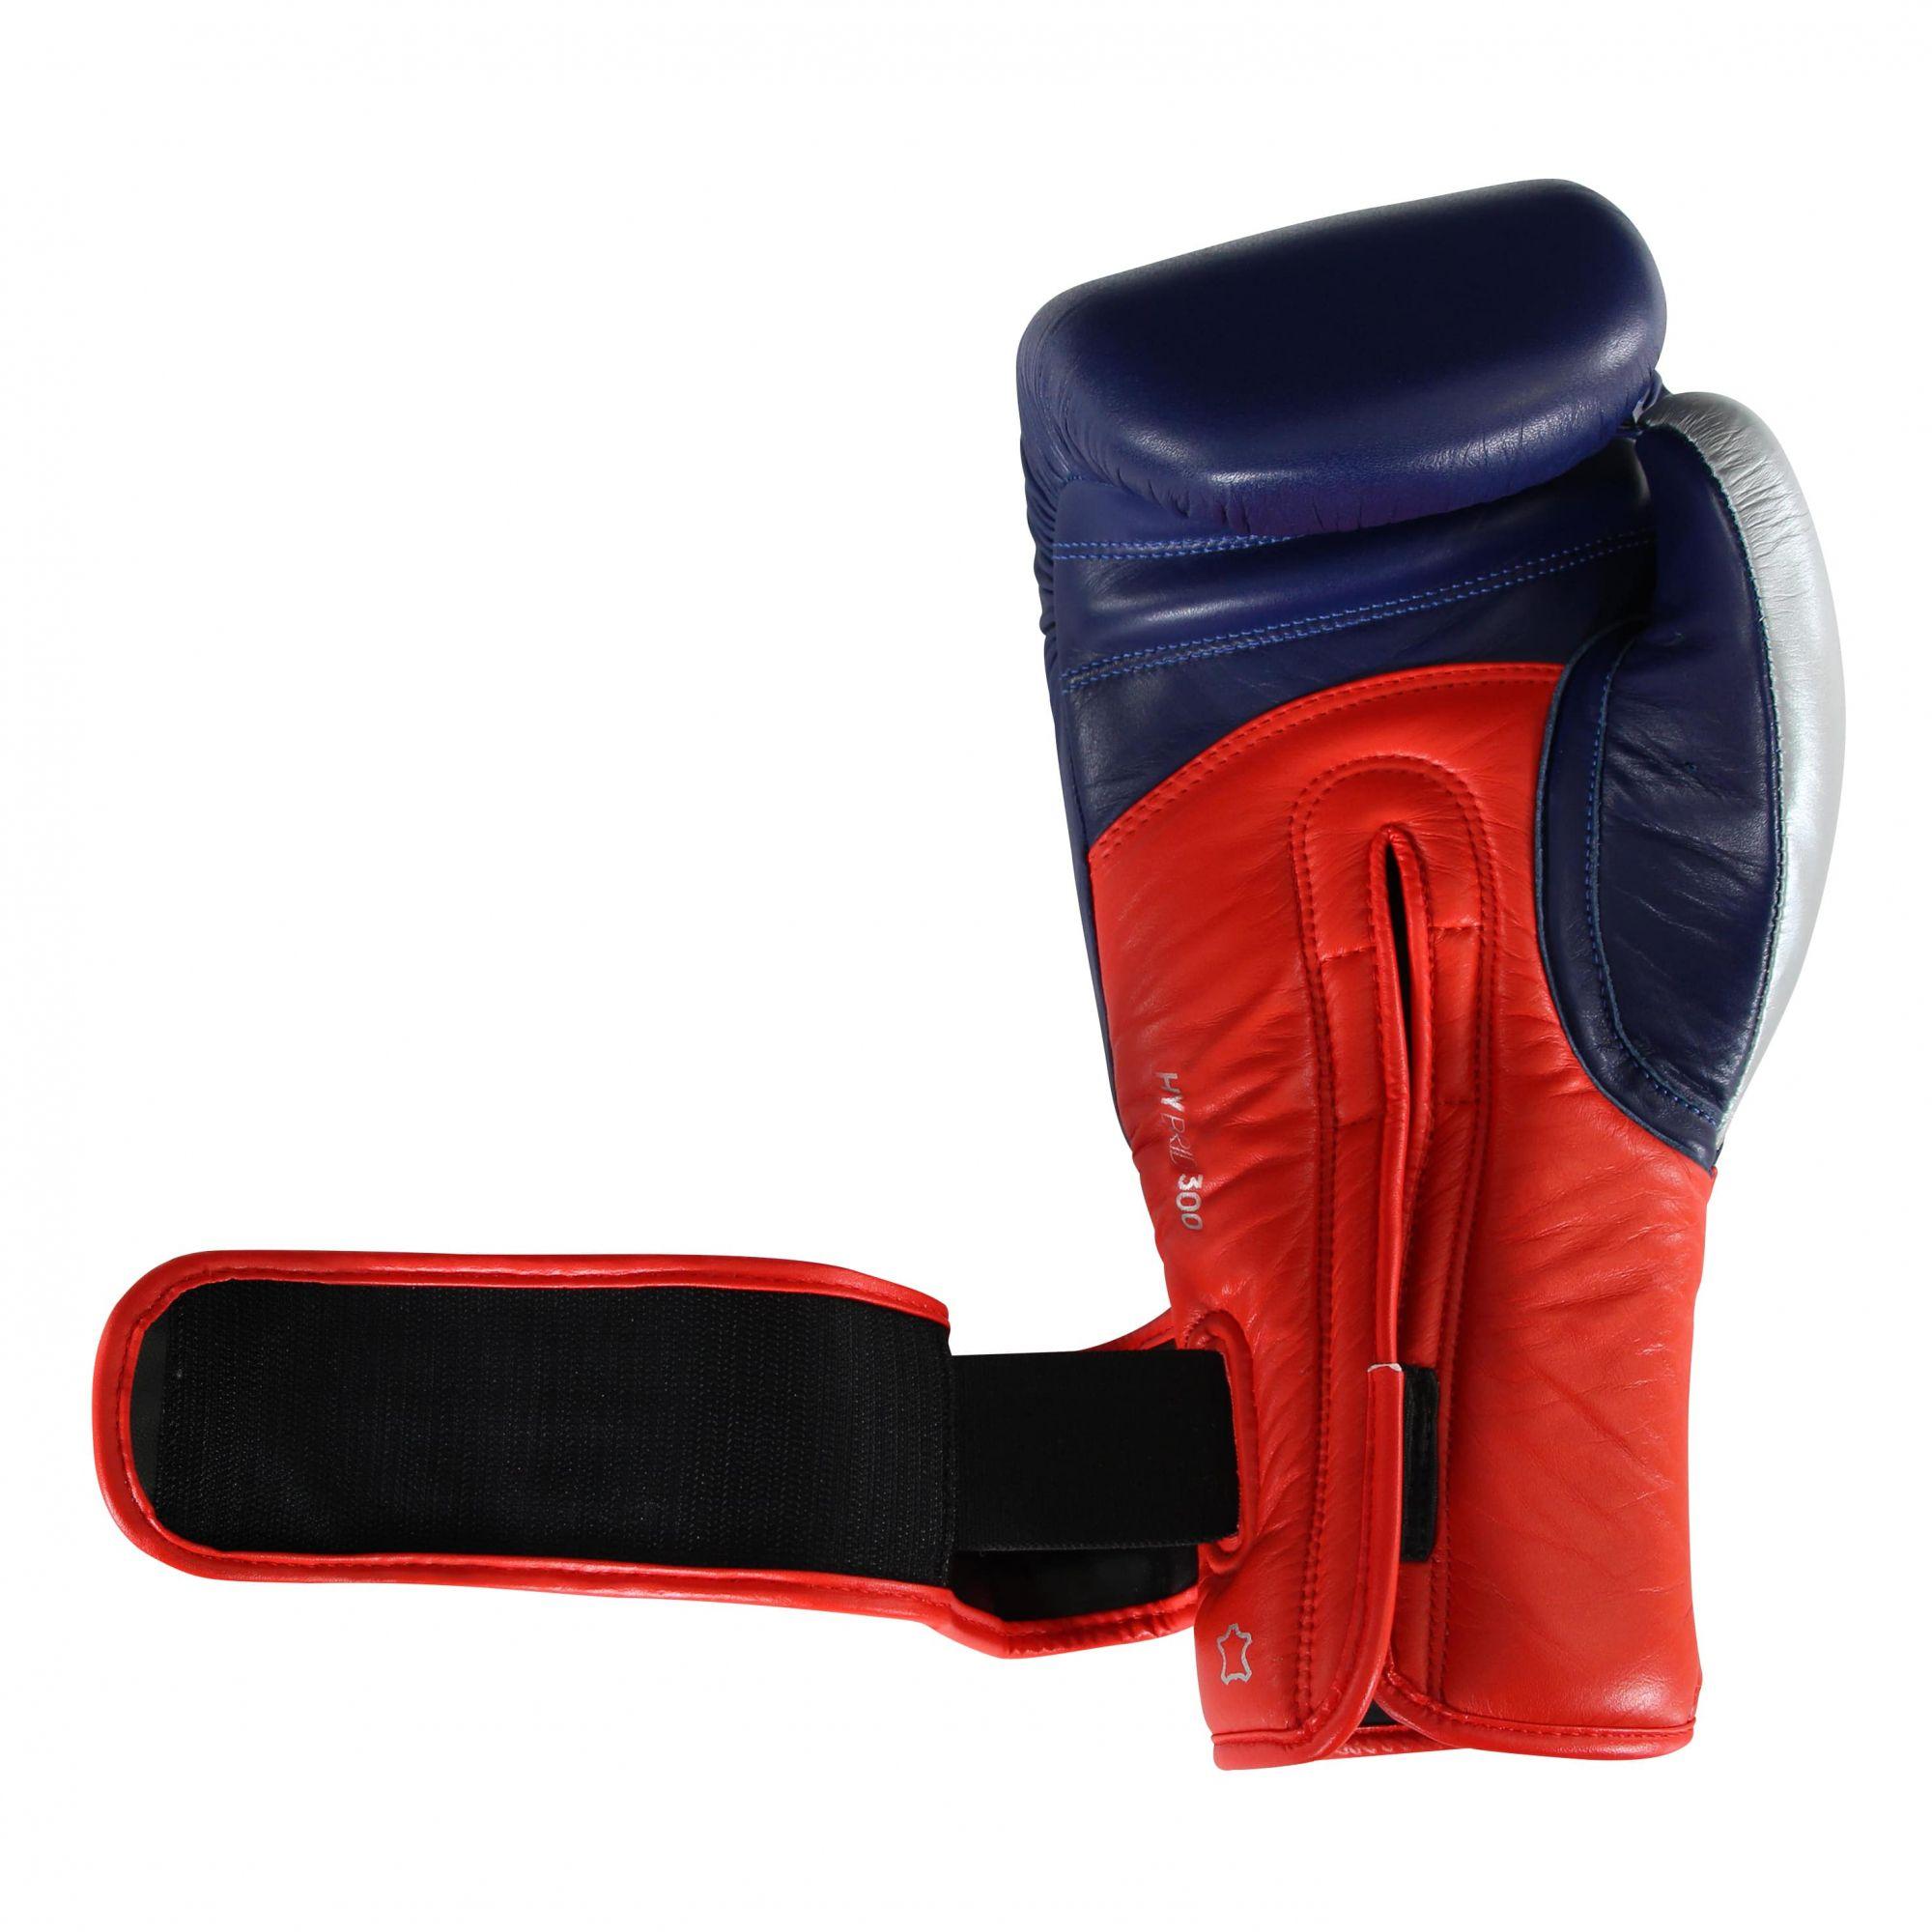 Luva de Boxe adidas Hybrid 300 Azul/Vermelha - Dedão Prateado